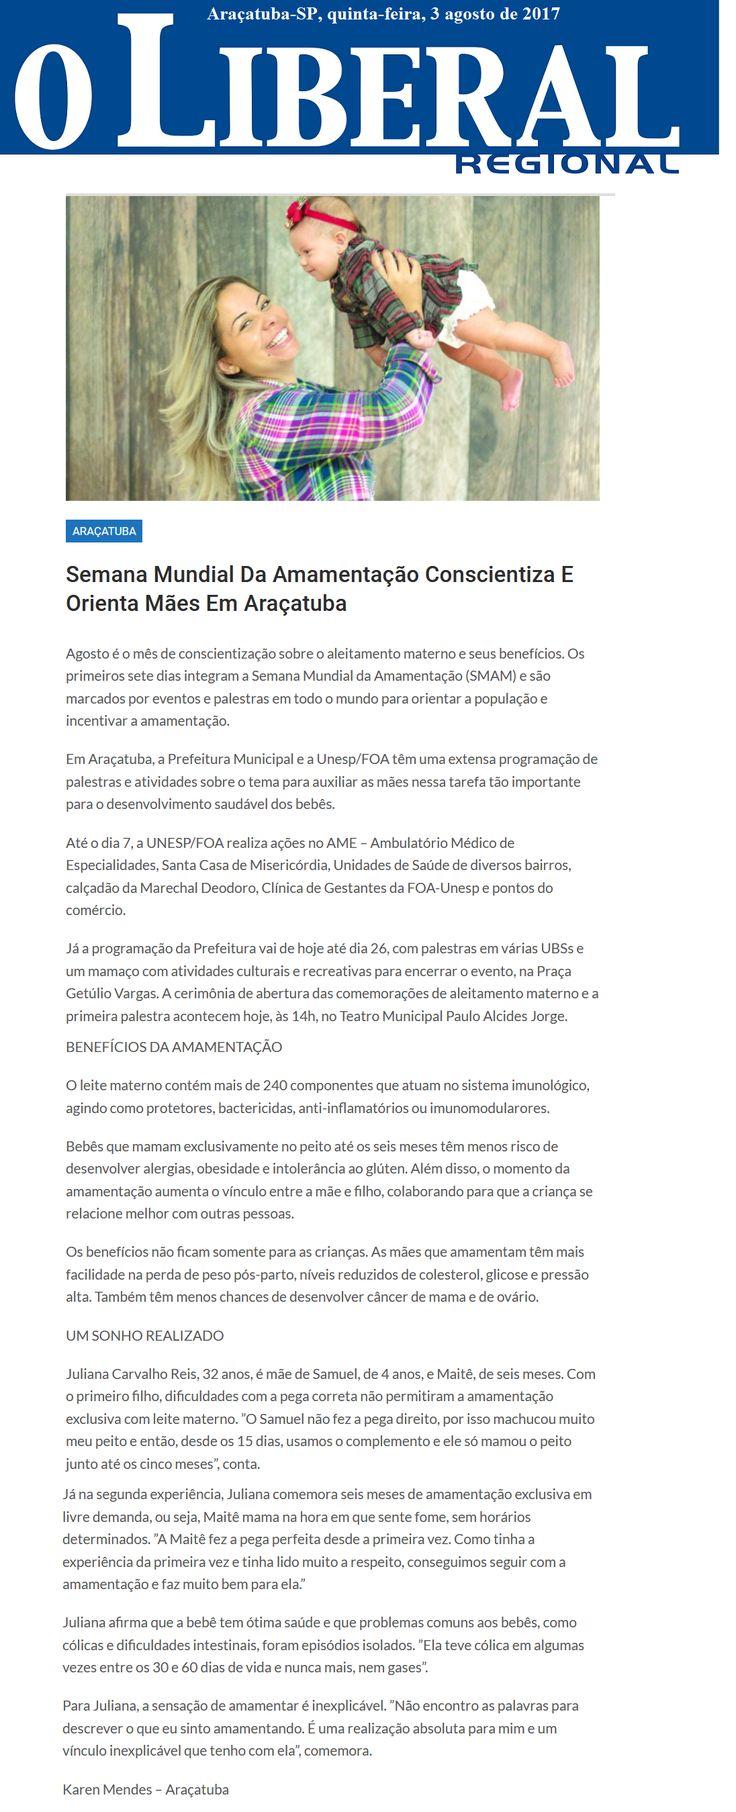 Semana mundial da amamentação conscientiza e orienta mães em Araçatuba. Fonte: O Liberal Regional